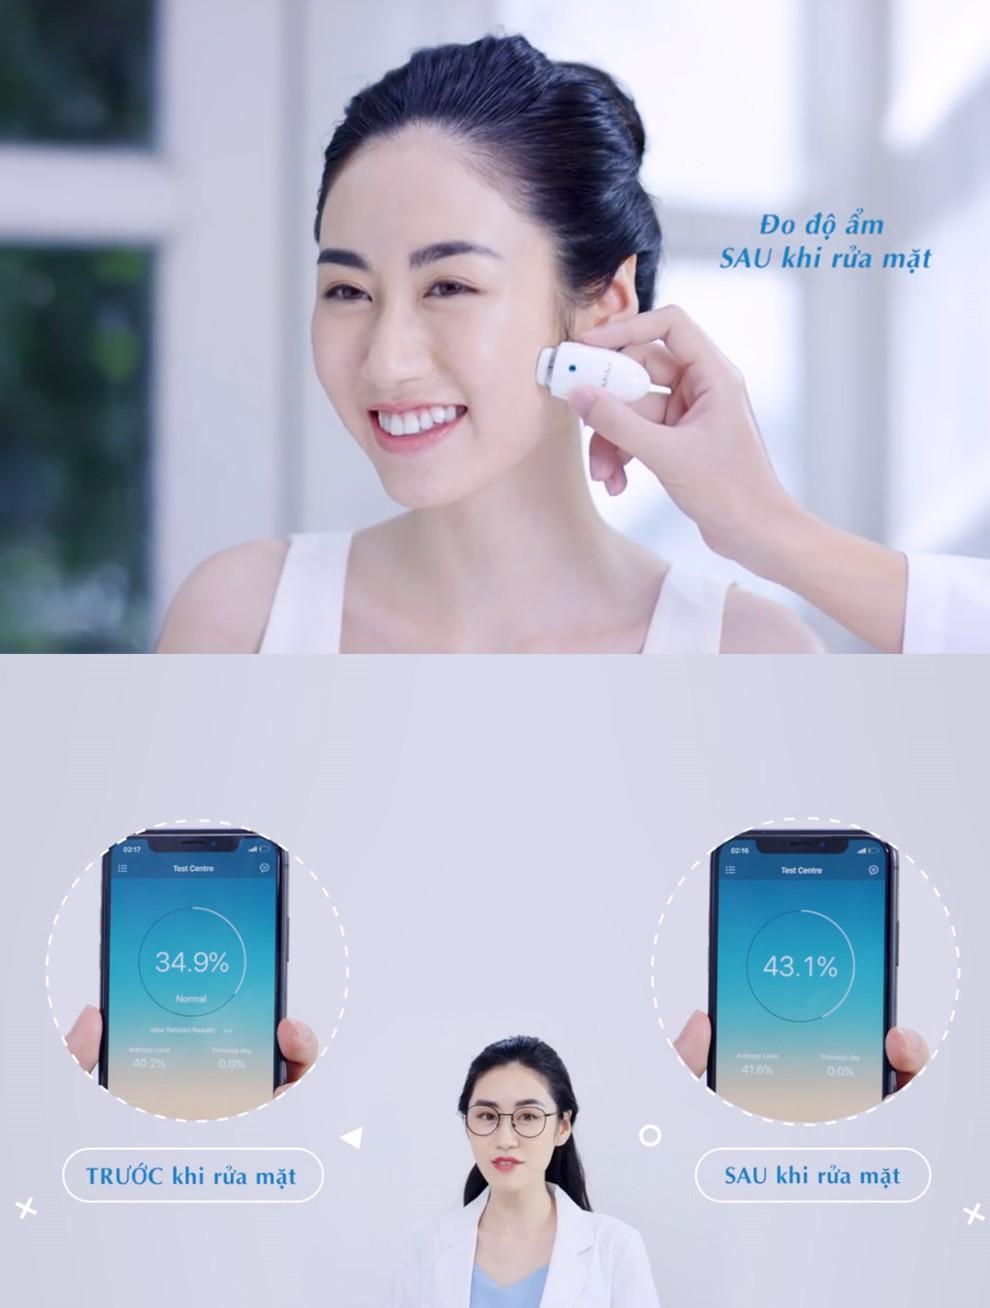 Nghe lời beauty blogger Mai Vân Trang làm ngay 3 thí nghiệm kiểm tra sản phẩm rửa mặt bạn đang dùng kẻo hối hận không kịp! - Ảnh 5.